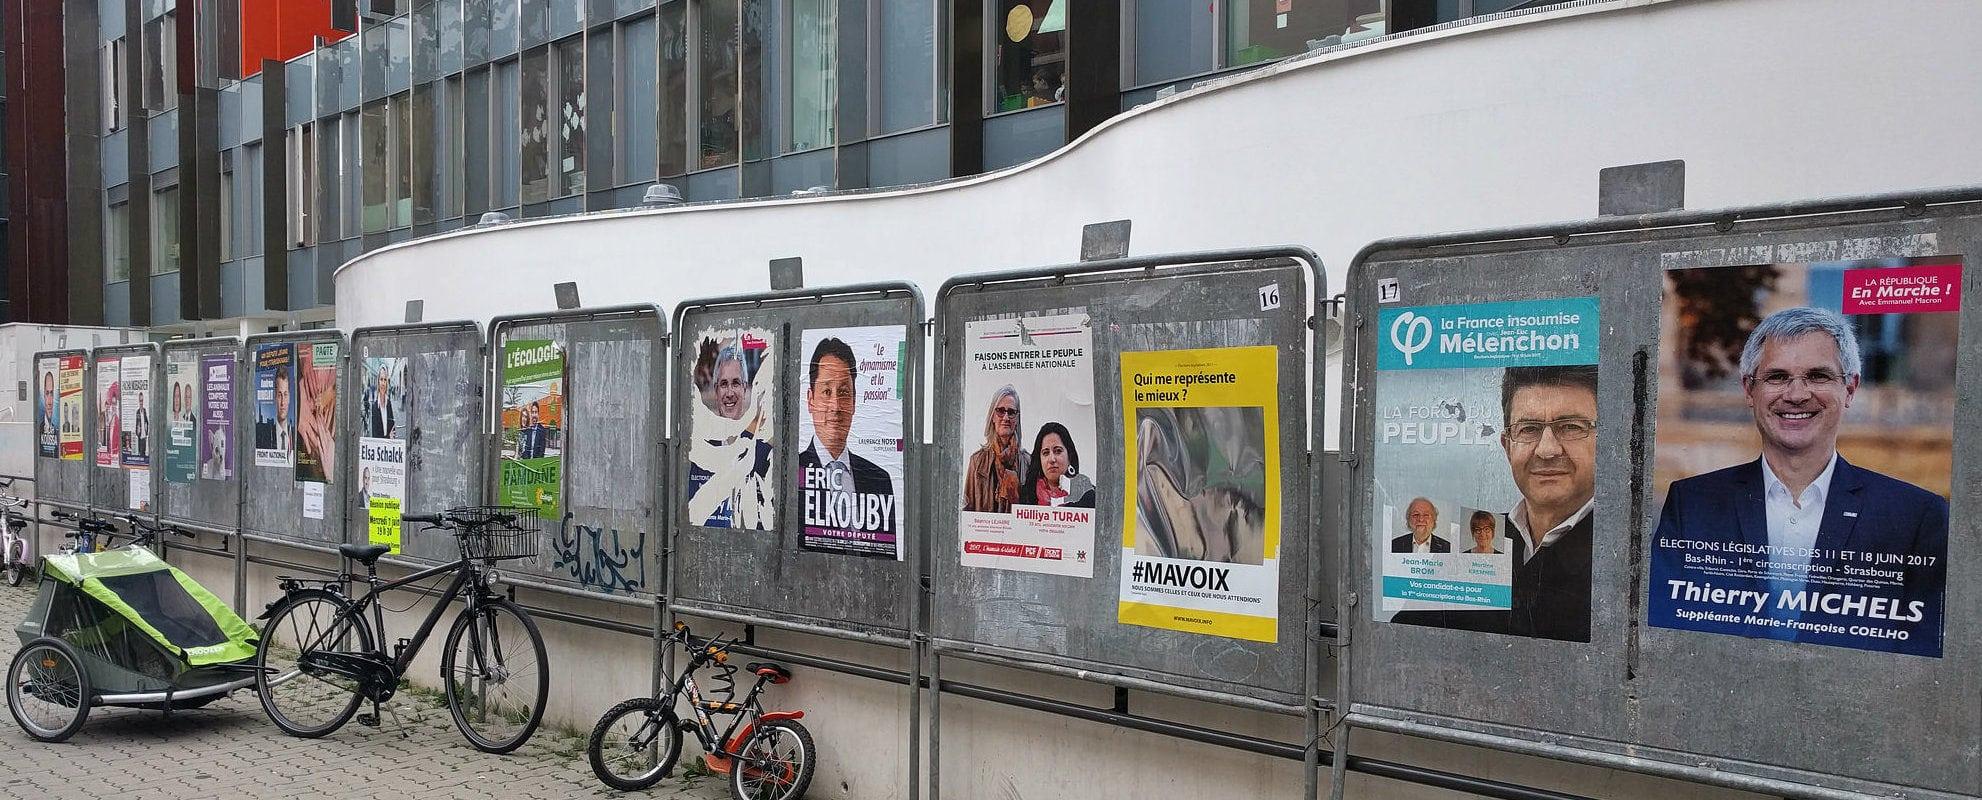 Quatre enjeux des législatives en Alsace à trancher aujourd'hui